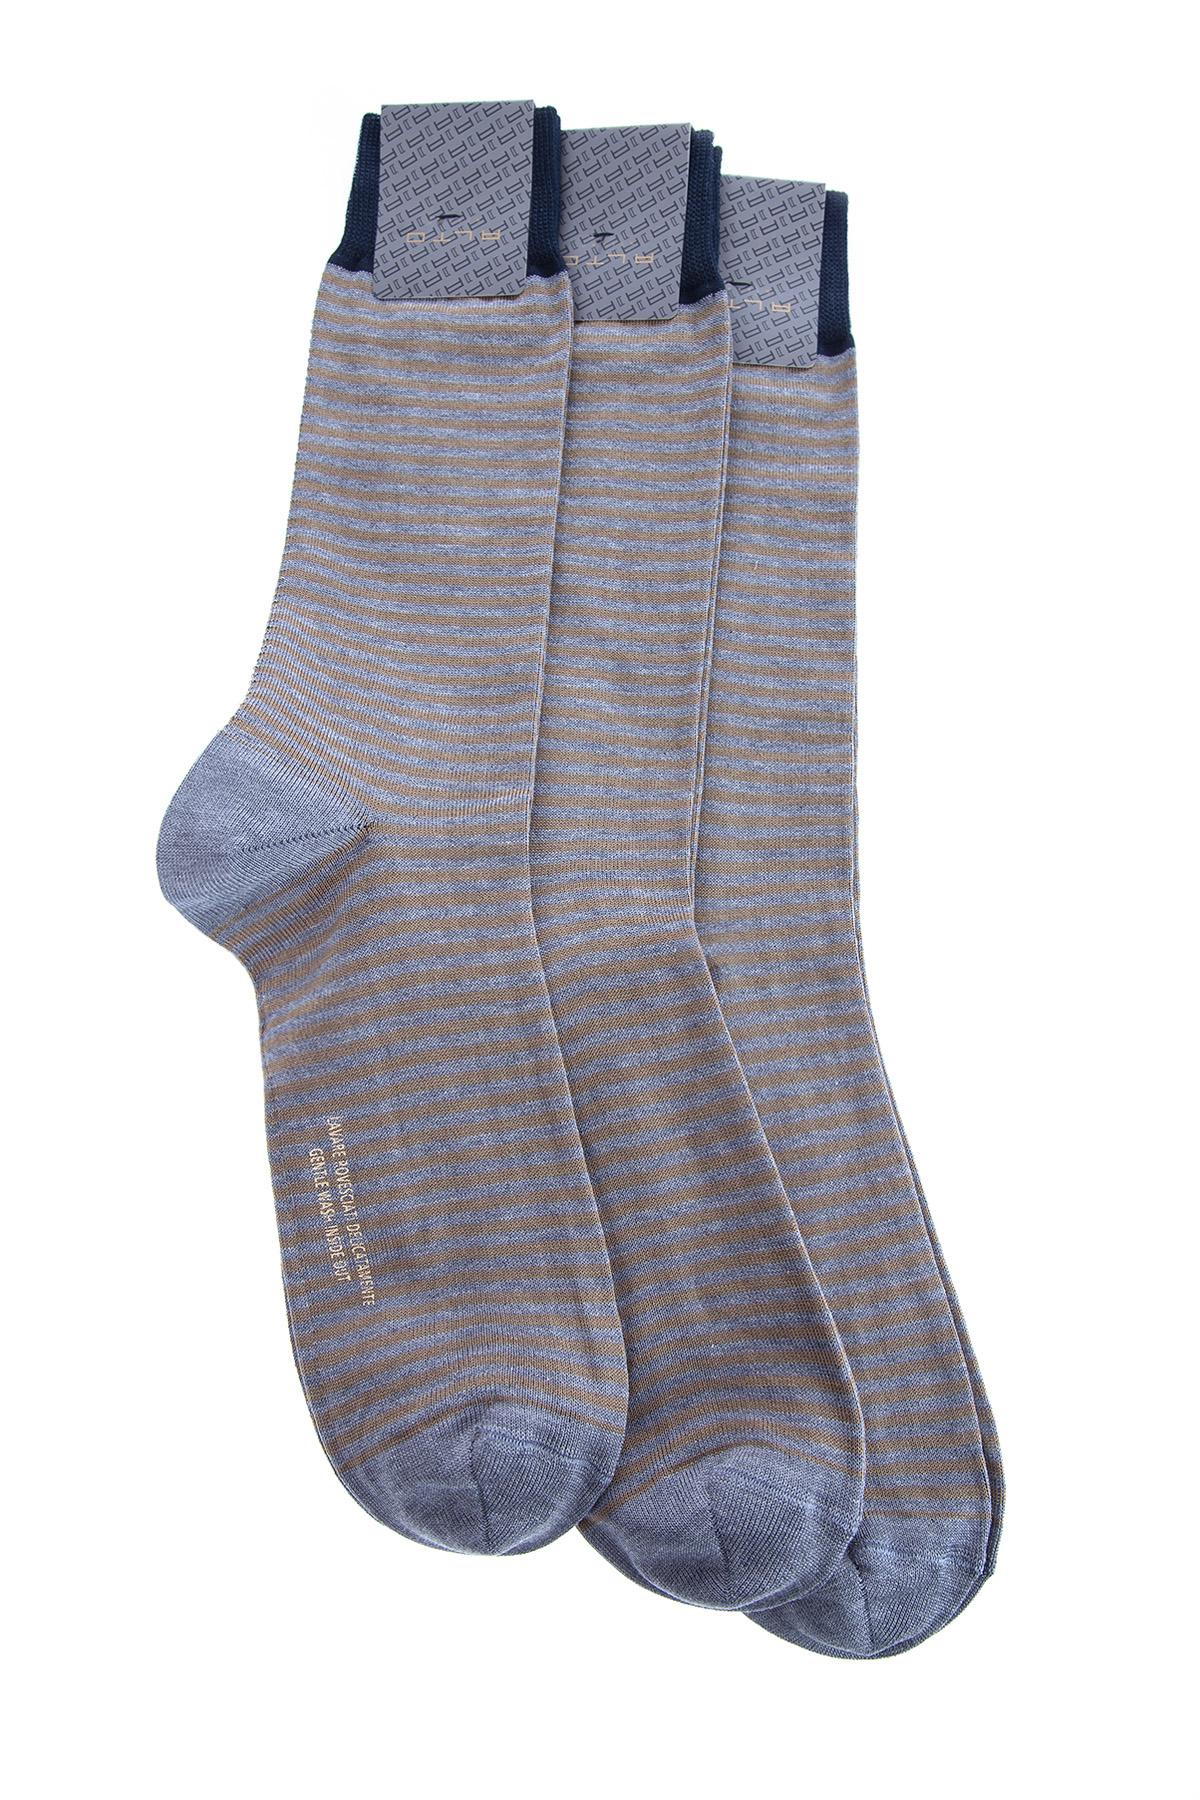 Купить Комплект носков, ALTO MILANO, Италия, хлопок 80%, полиамид 18%, эластан 2%